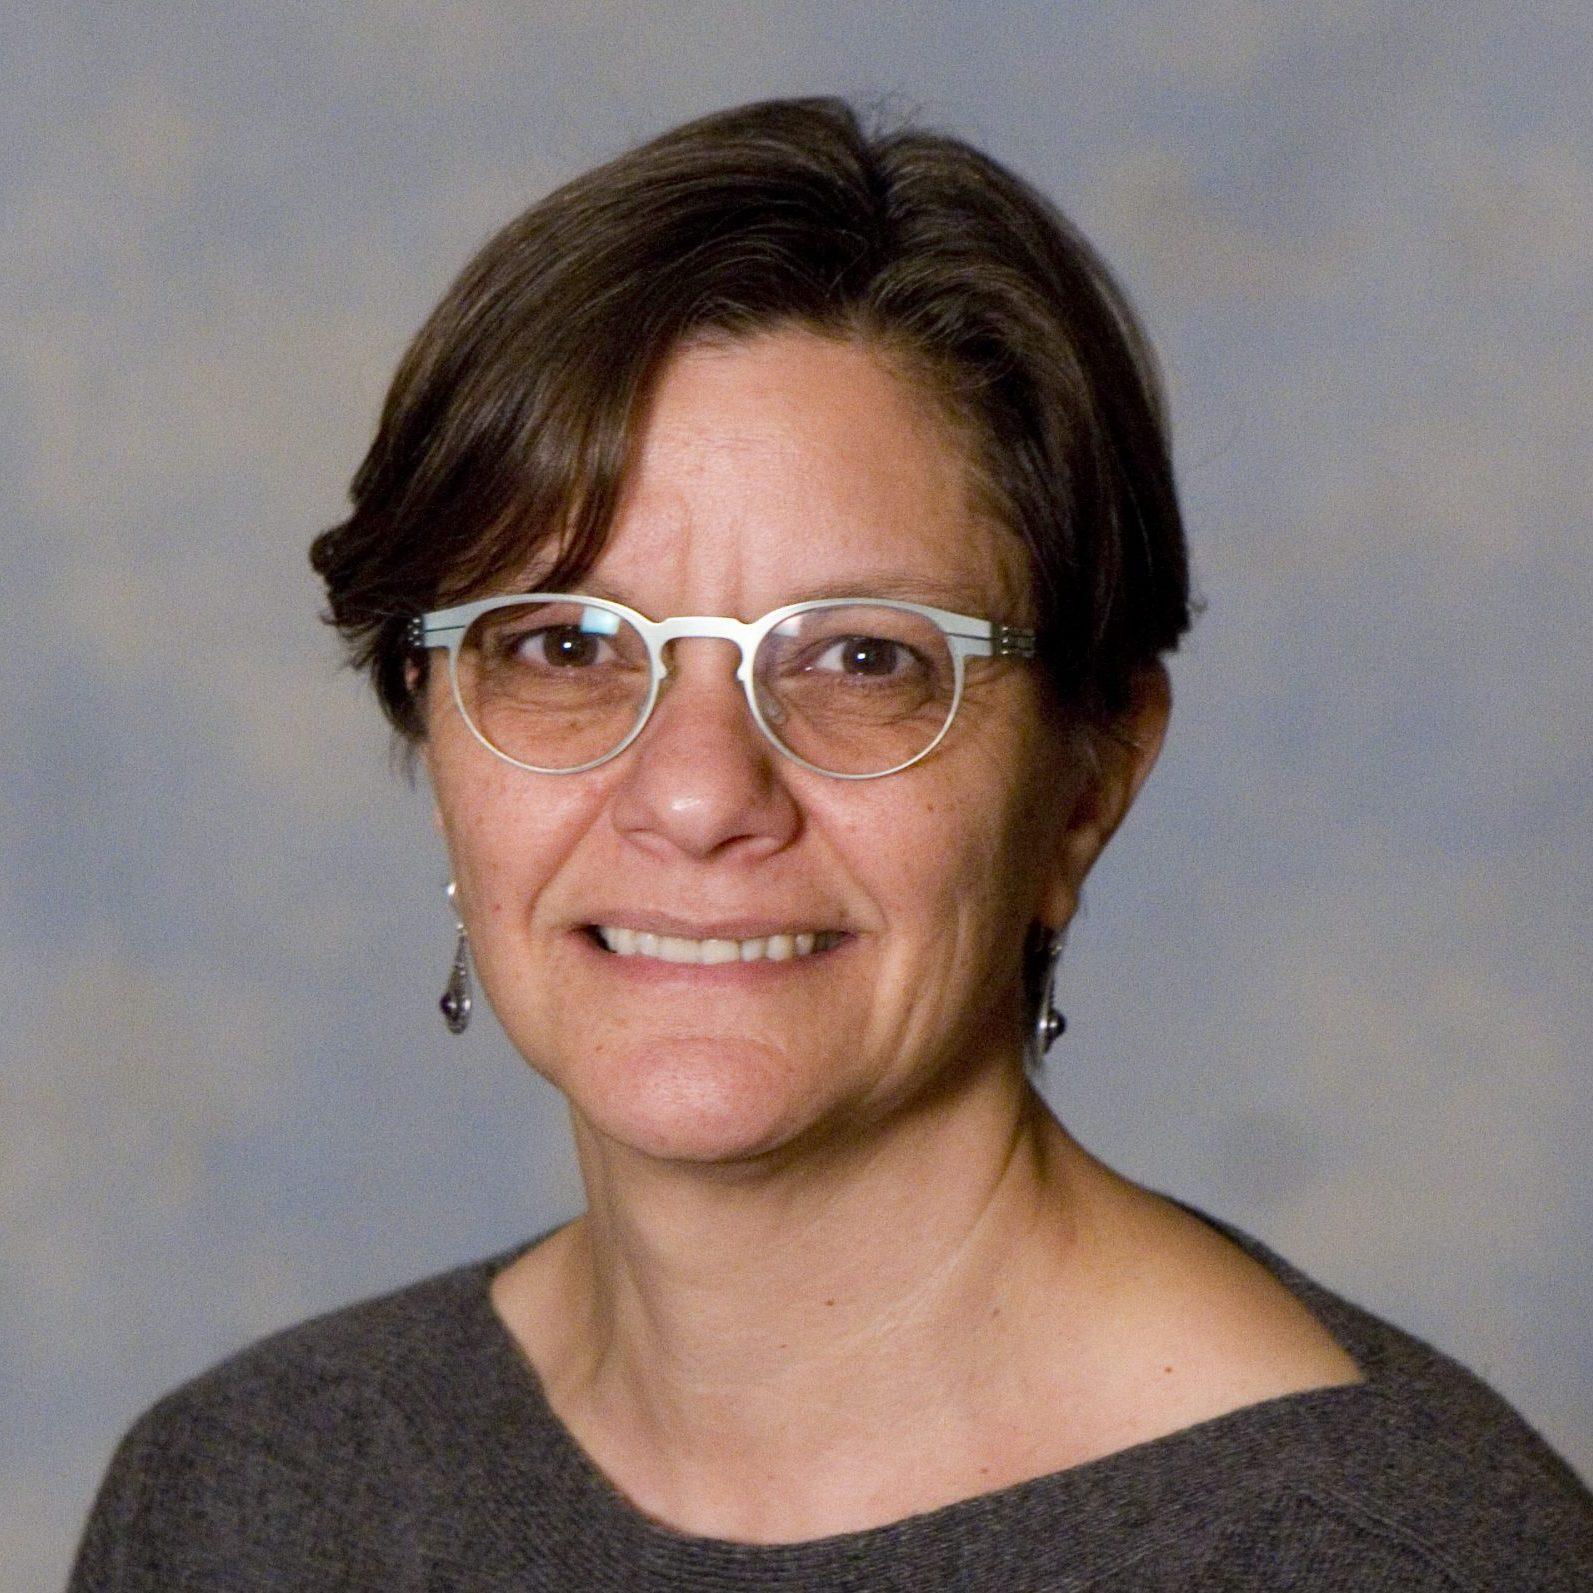 Susana Cohen-Cory, PhD